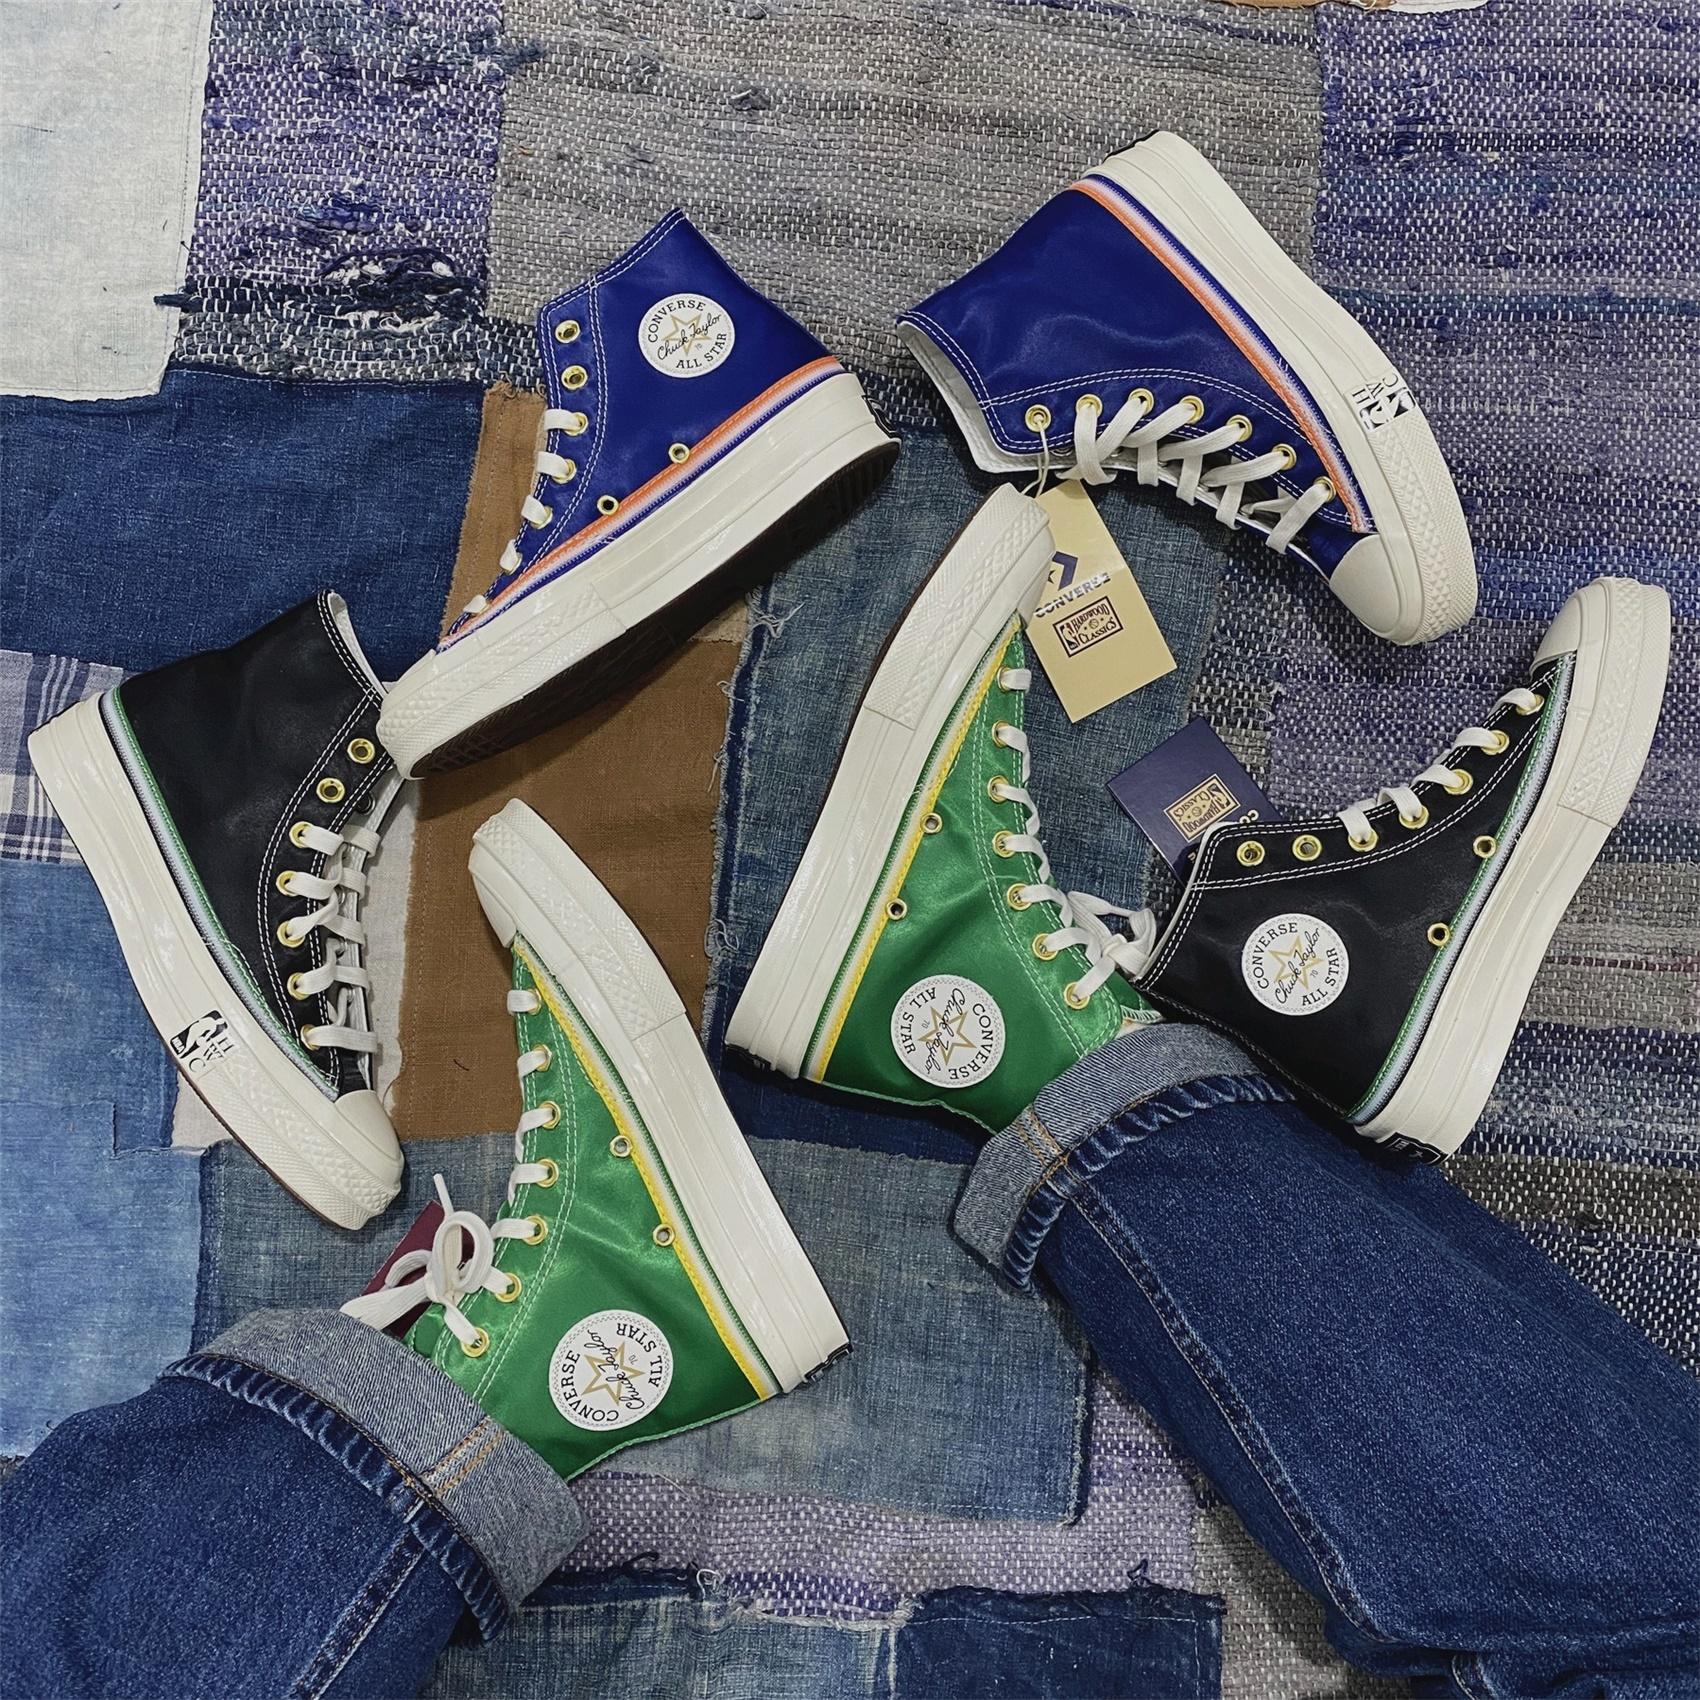 绿色高帮鞋 匡威1970sNBA限量联名黑蓝绿色丝绸高帮帆布鞋男女167060c167057c_推荐淘宝好看的绿色高帮鞋